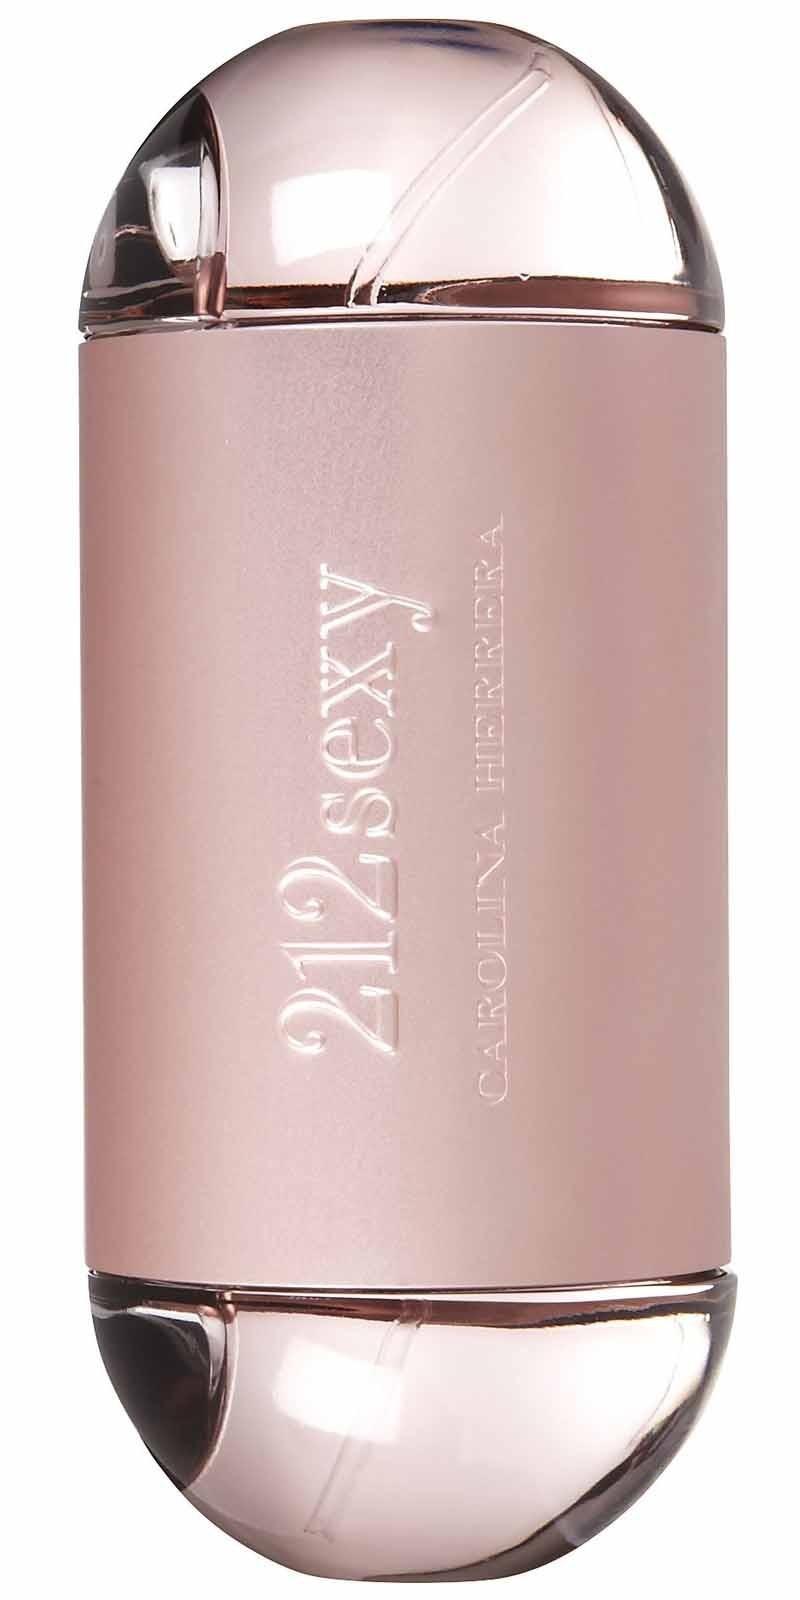 Carolina Herrera 212 Sexy Women парфюмированная вода 100мл (Каролина Эррерат 212 Секси Вумен)